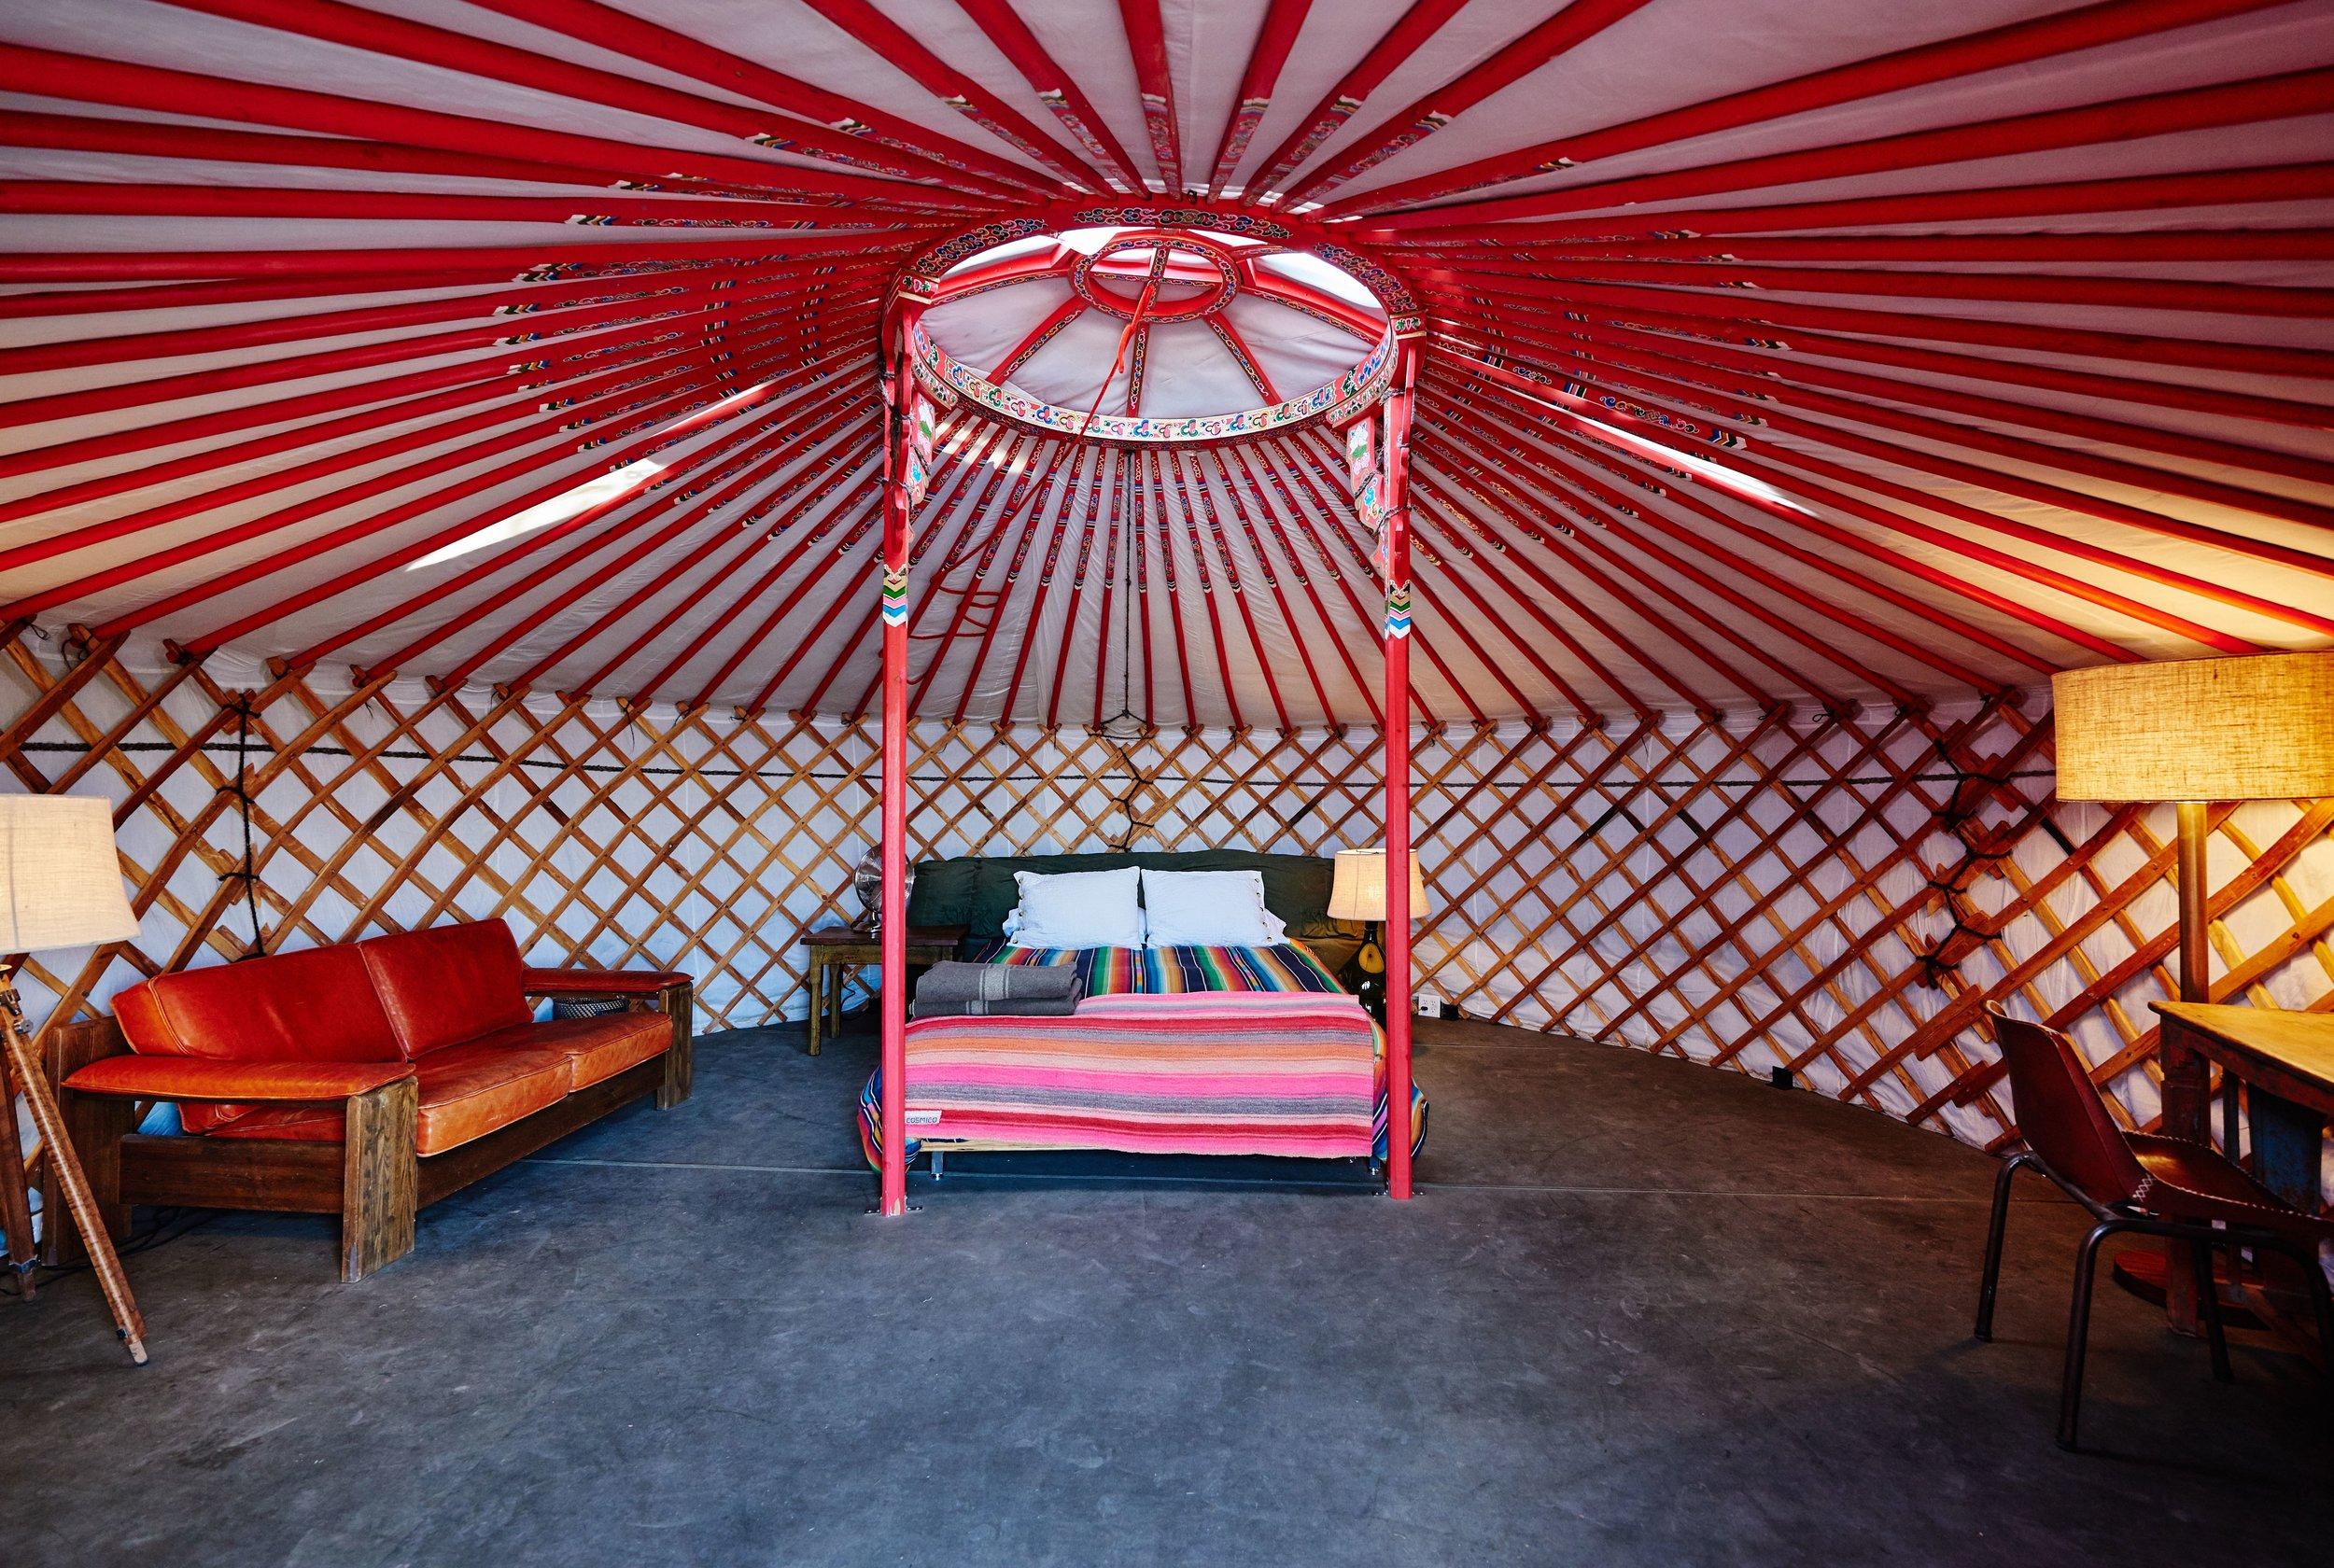 El Cosmico - Yurt Interior - Nick Simonite.jpg